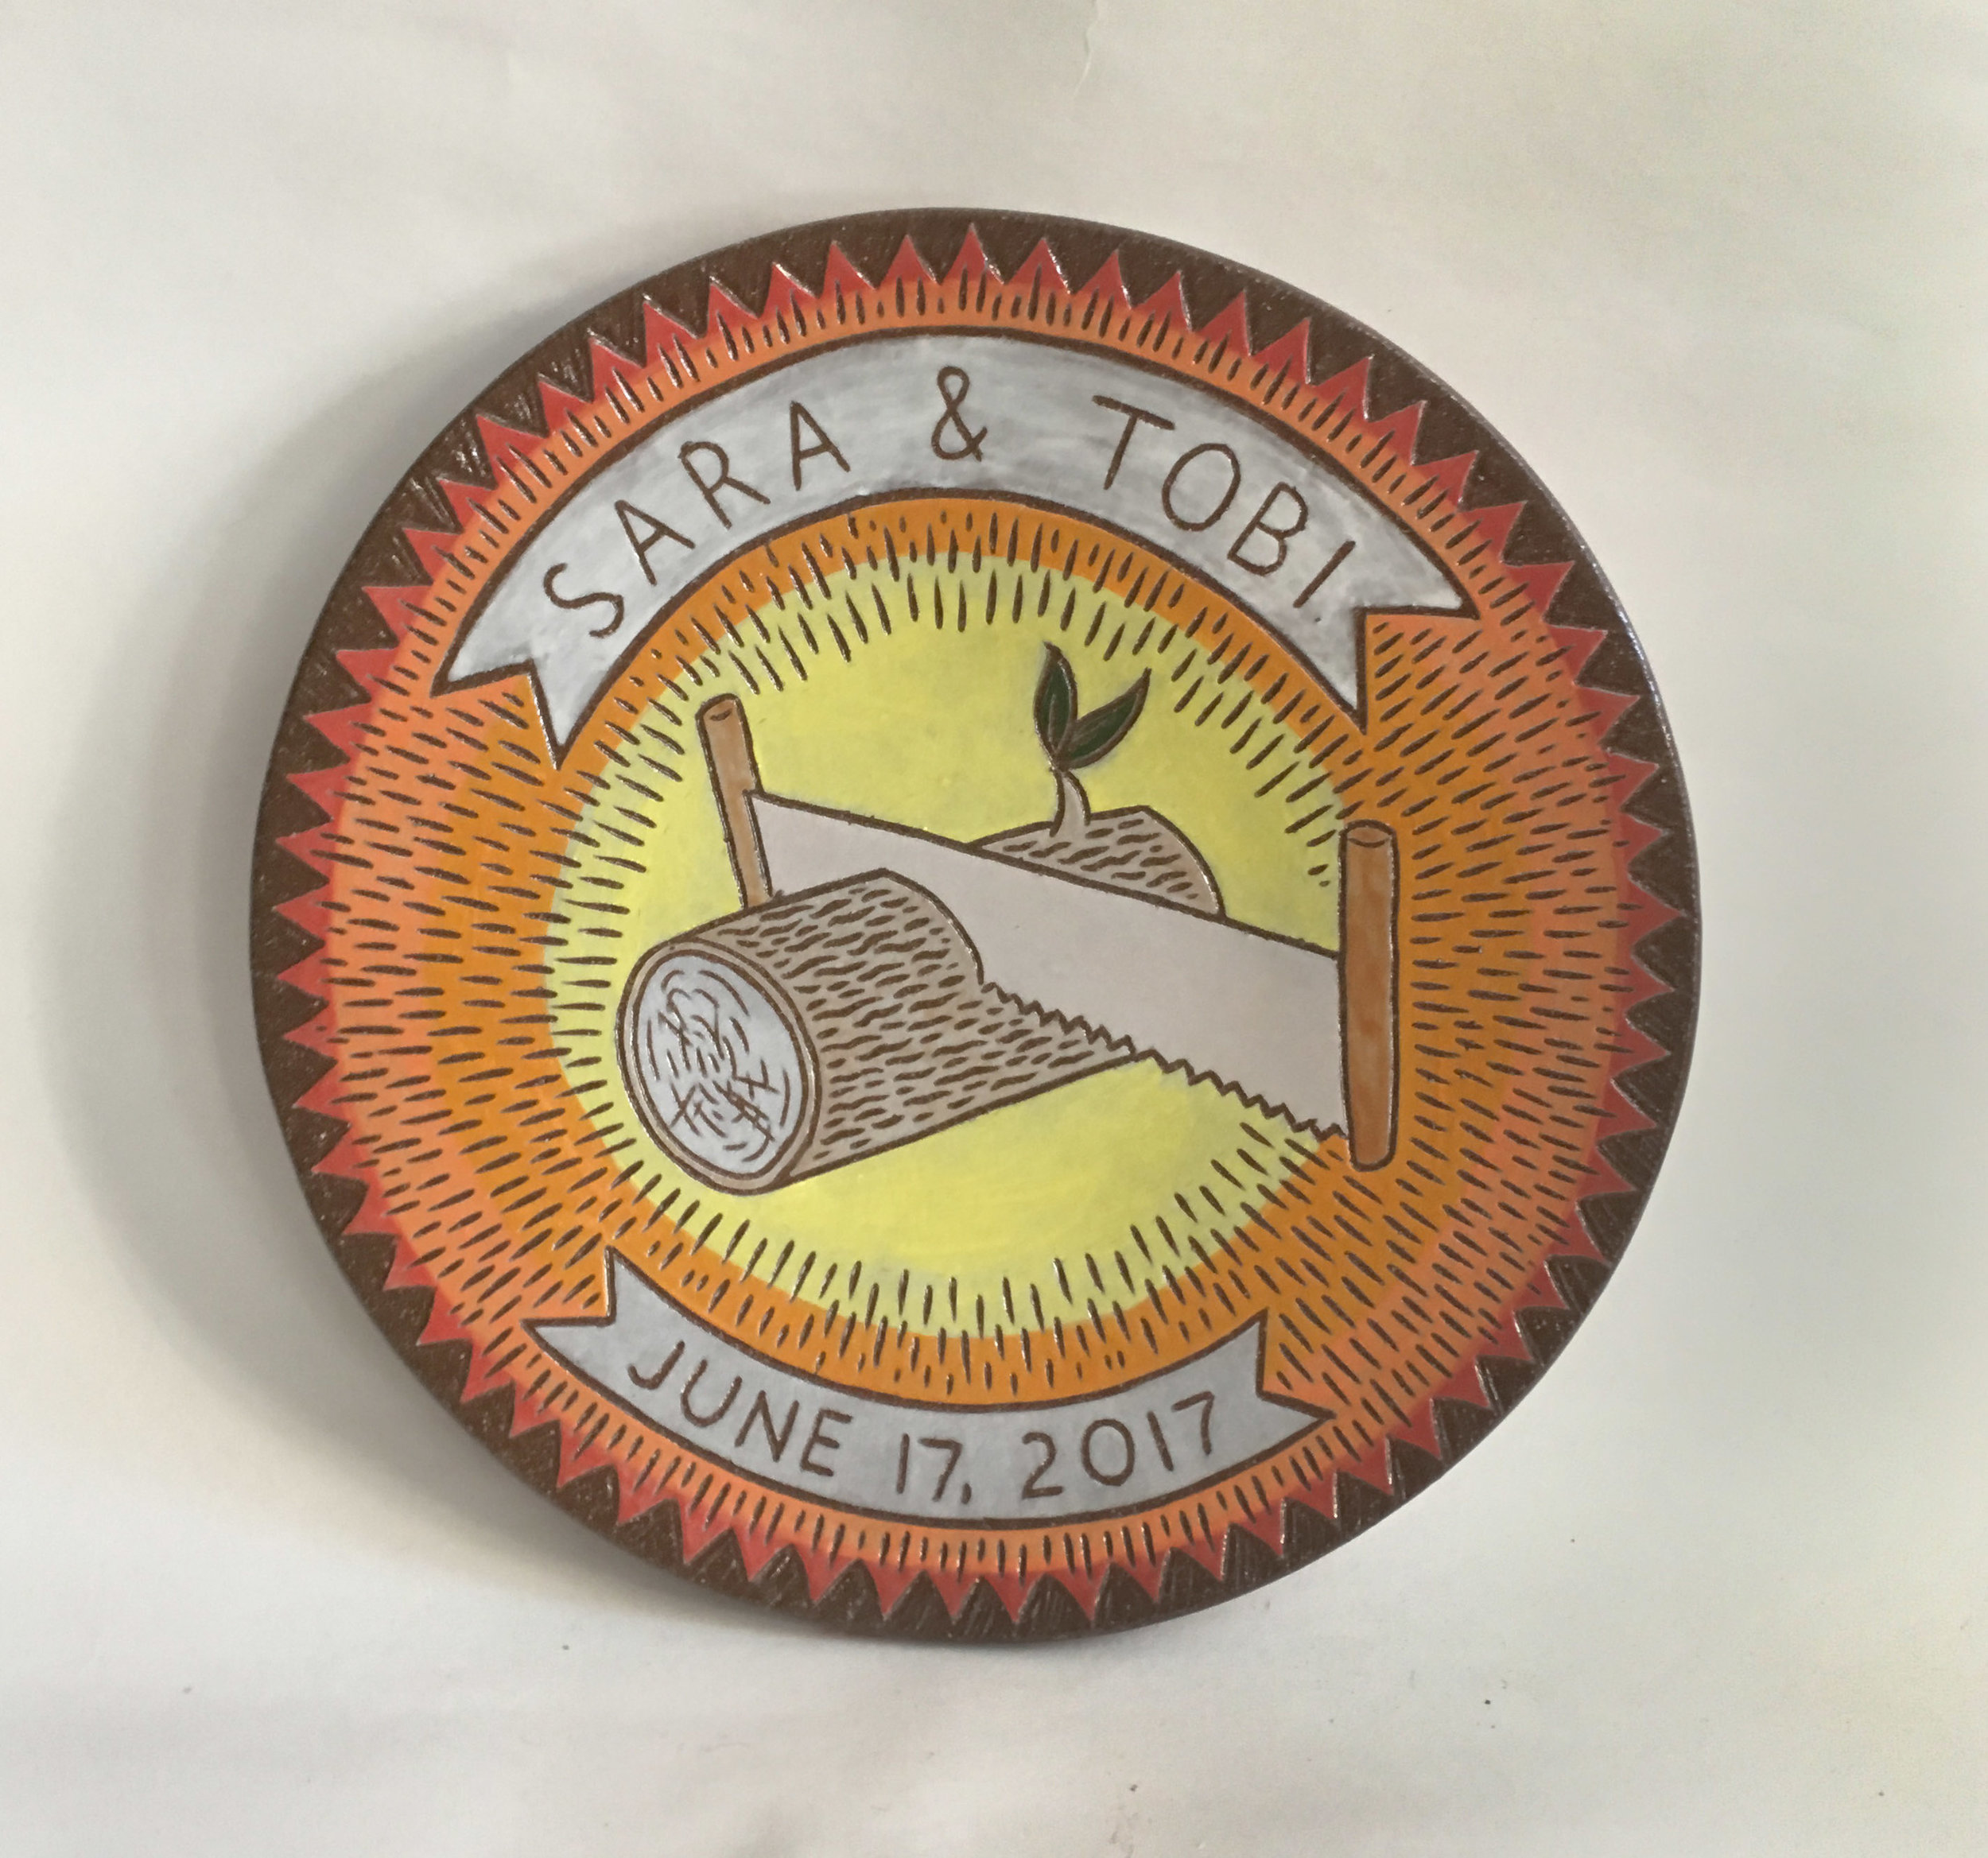 Sara & Tobi platter, 2017